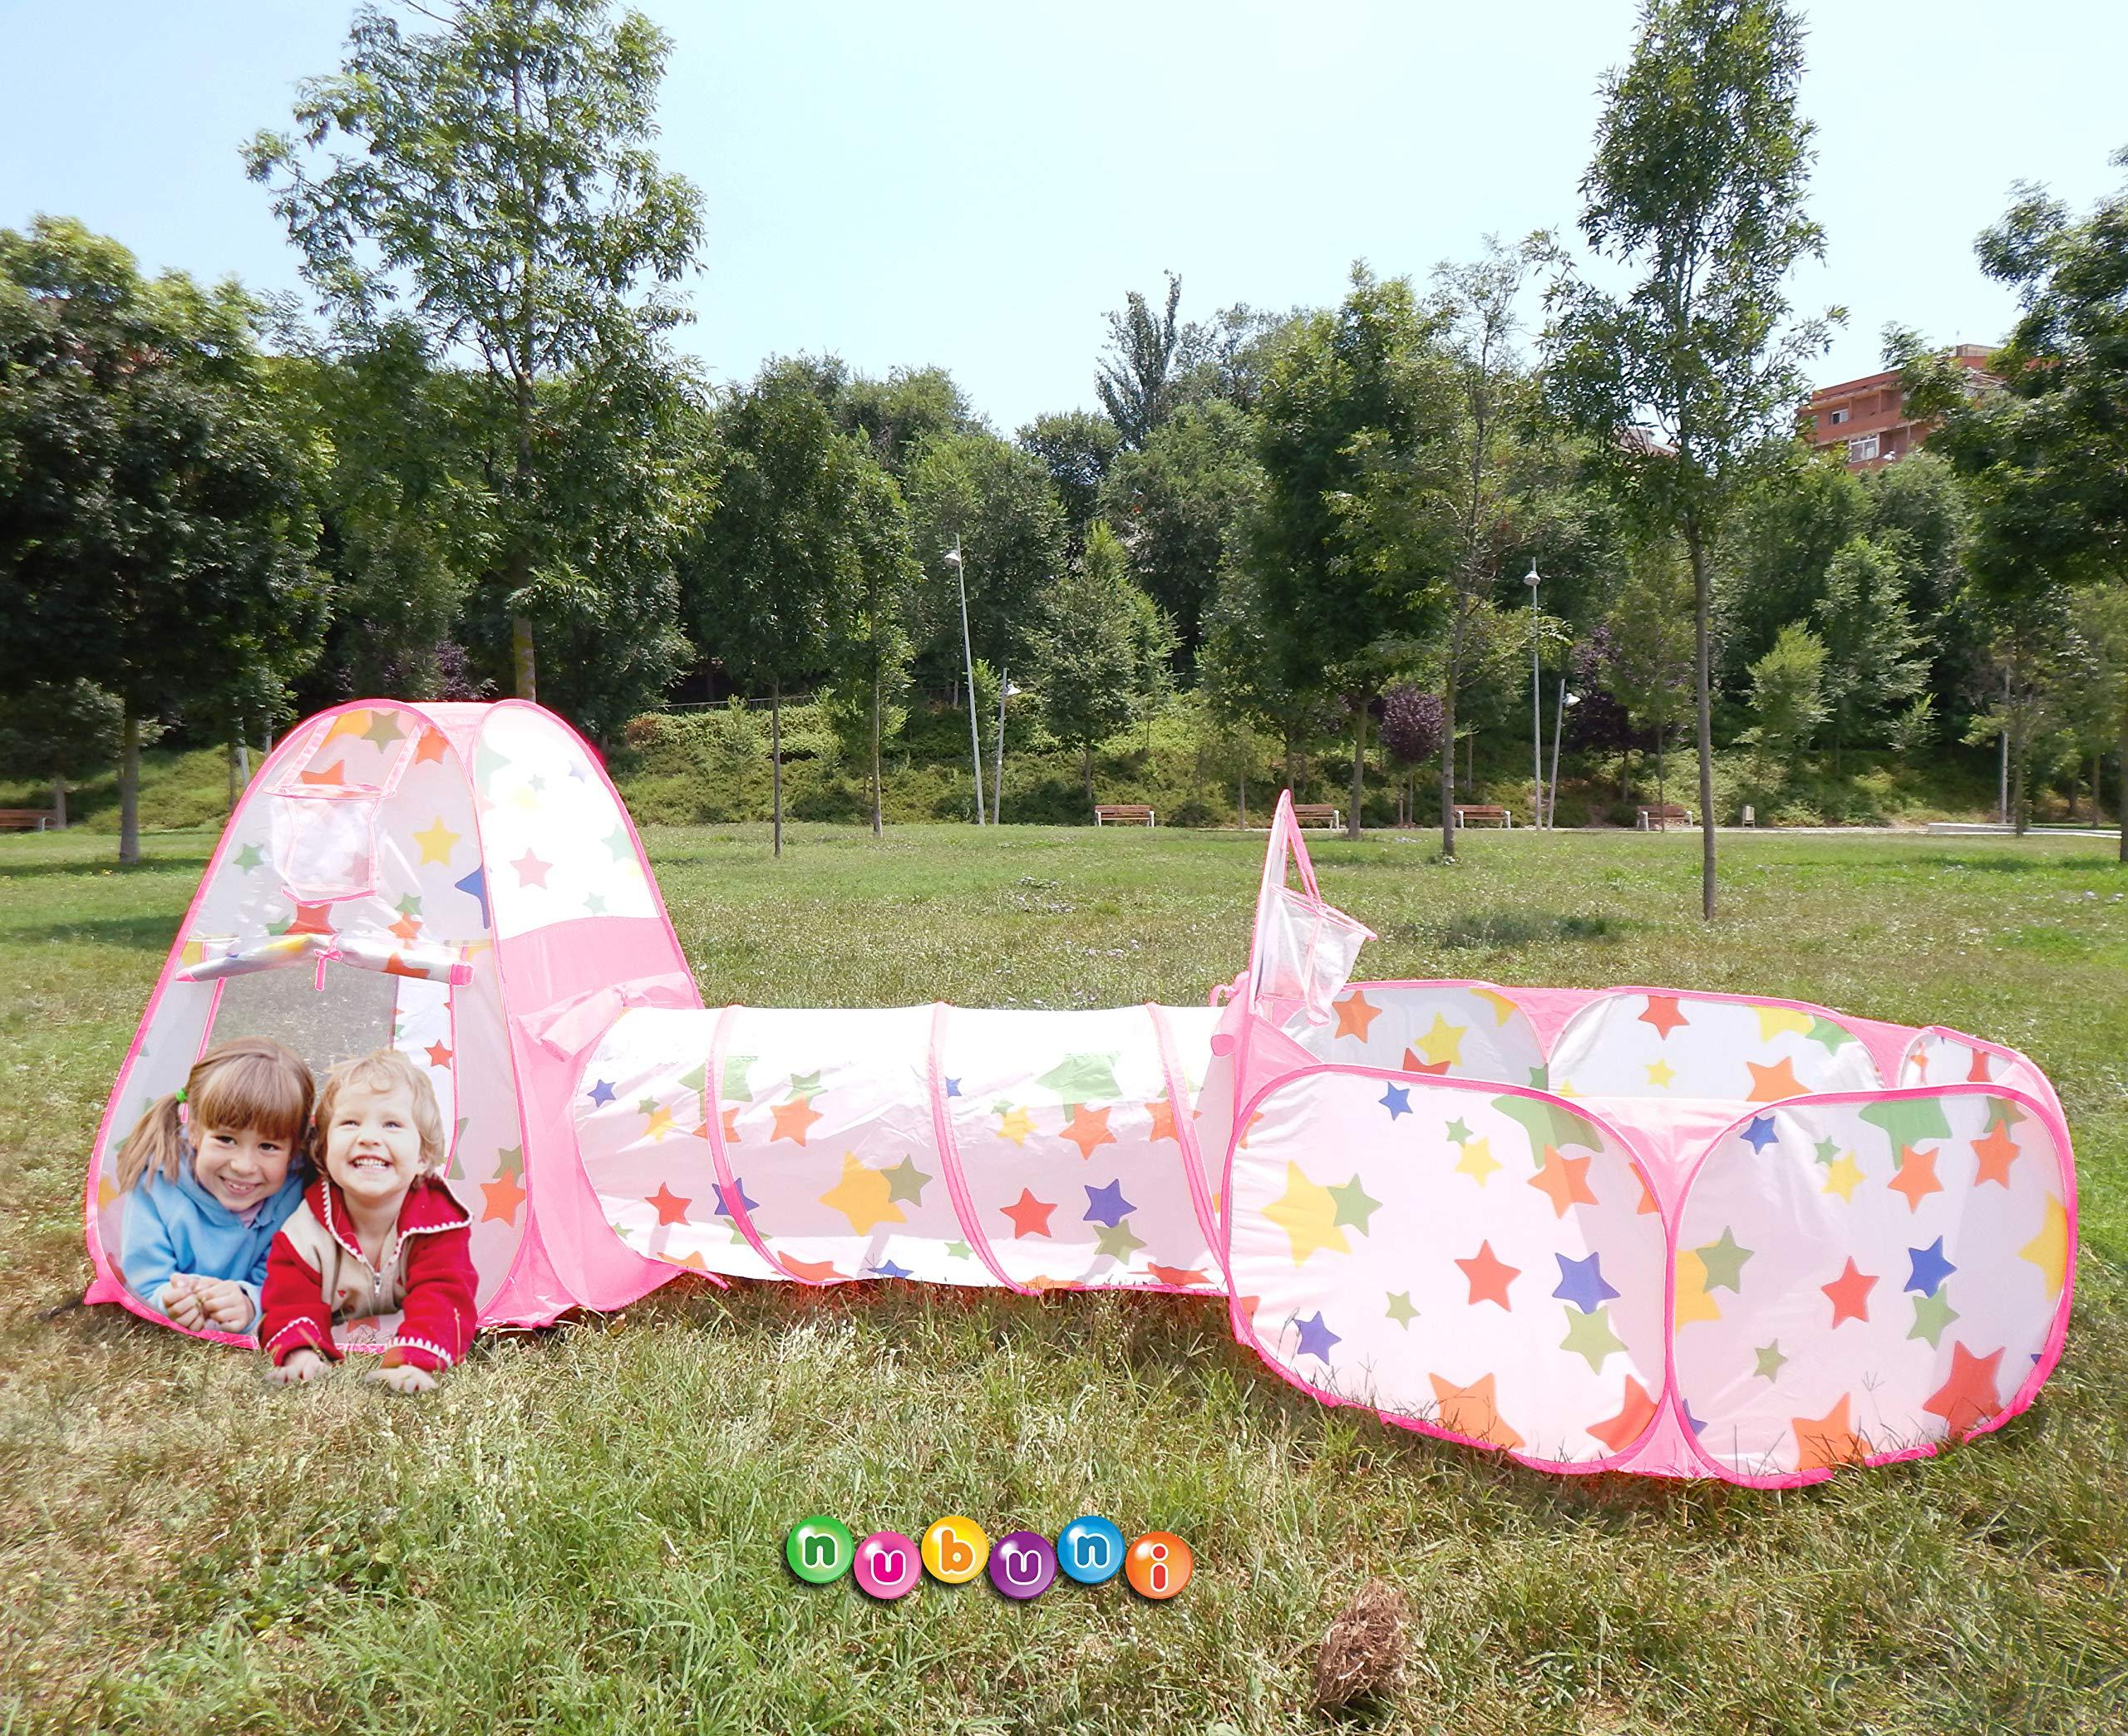 NUBUNI 3 en 1 Tienda Campaña Infantil : Piscina de Bolas + Casita Infantil + Tunel de Juego : Plegable Parque Bebe Bolas Infantil Jardín Exterior Interior Juguetes Niños Niñas Bebes Casitas